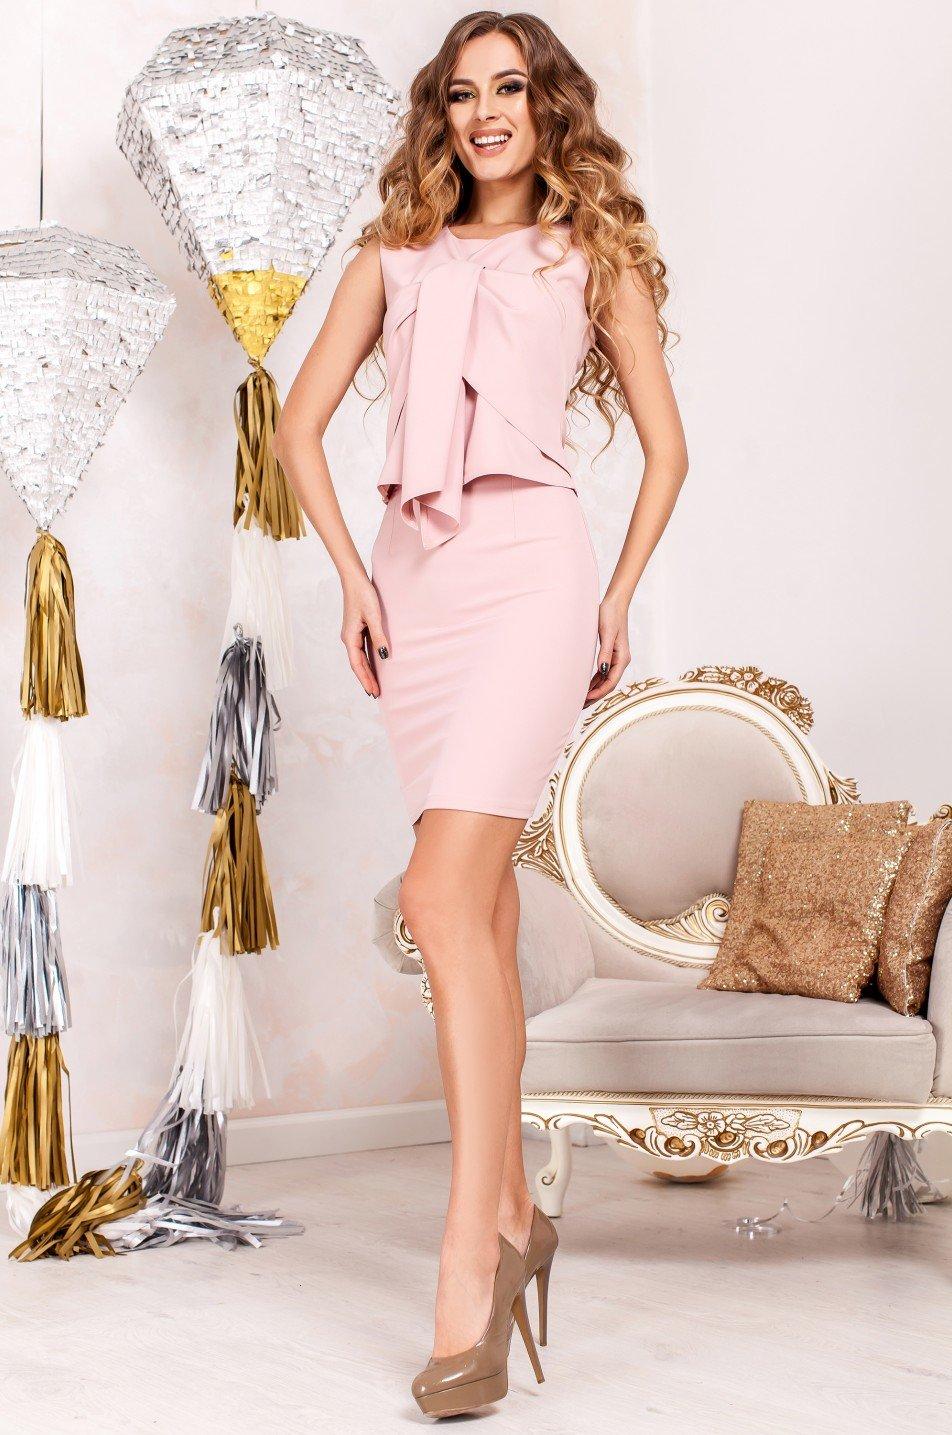 afdeccd3fb4997 Жіночий костюм з спідницею Моренго пудра - купити недорого — Donna ...